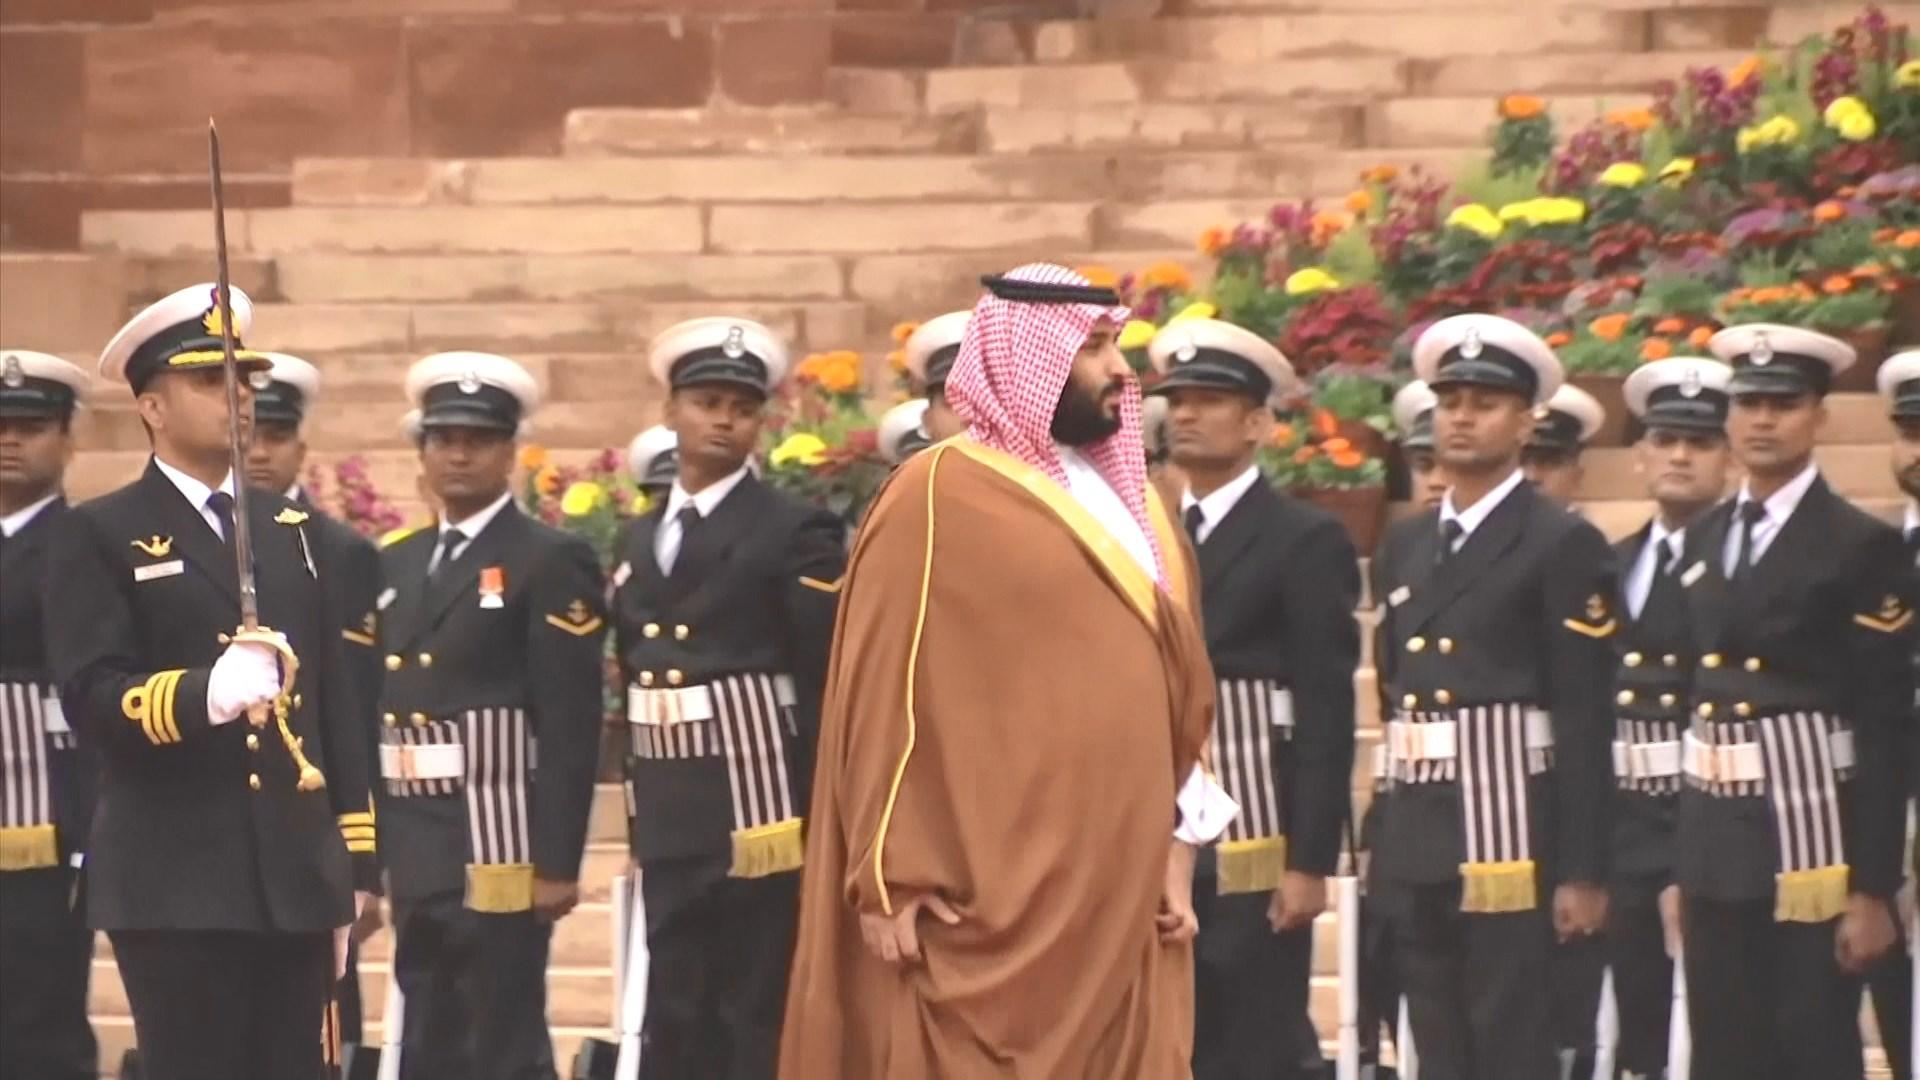 沙特王儲到訪印度 料簽署多項協議